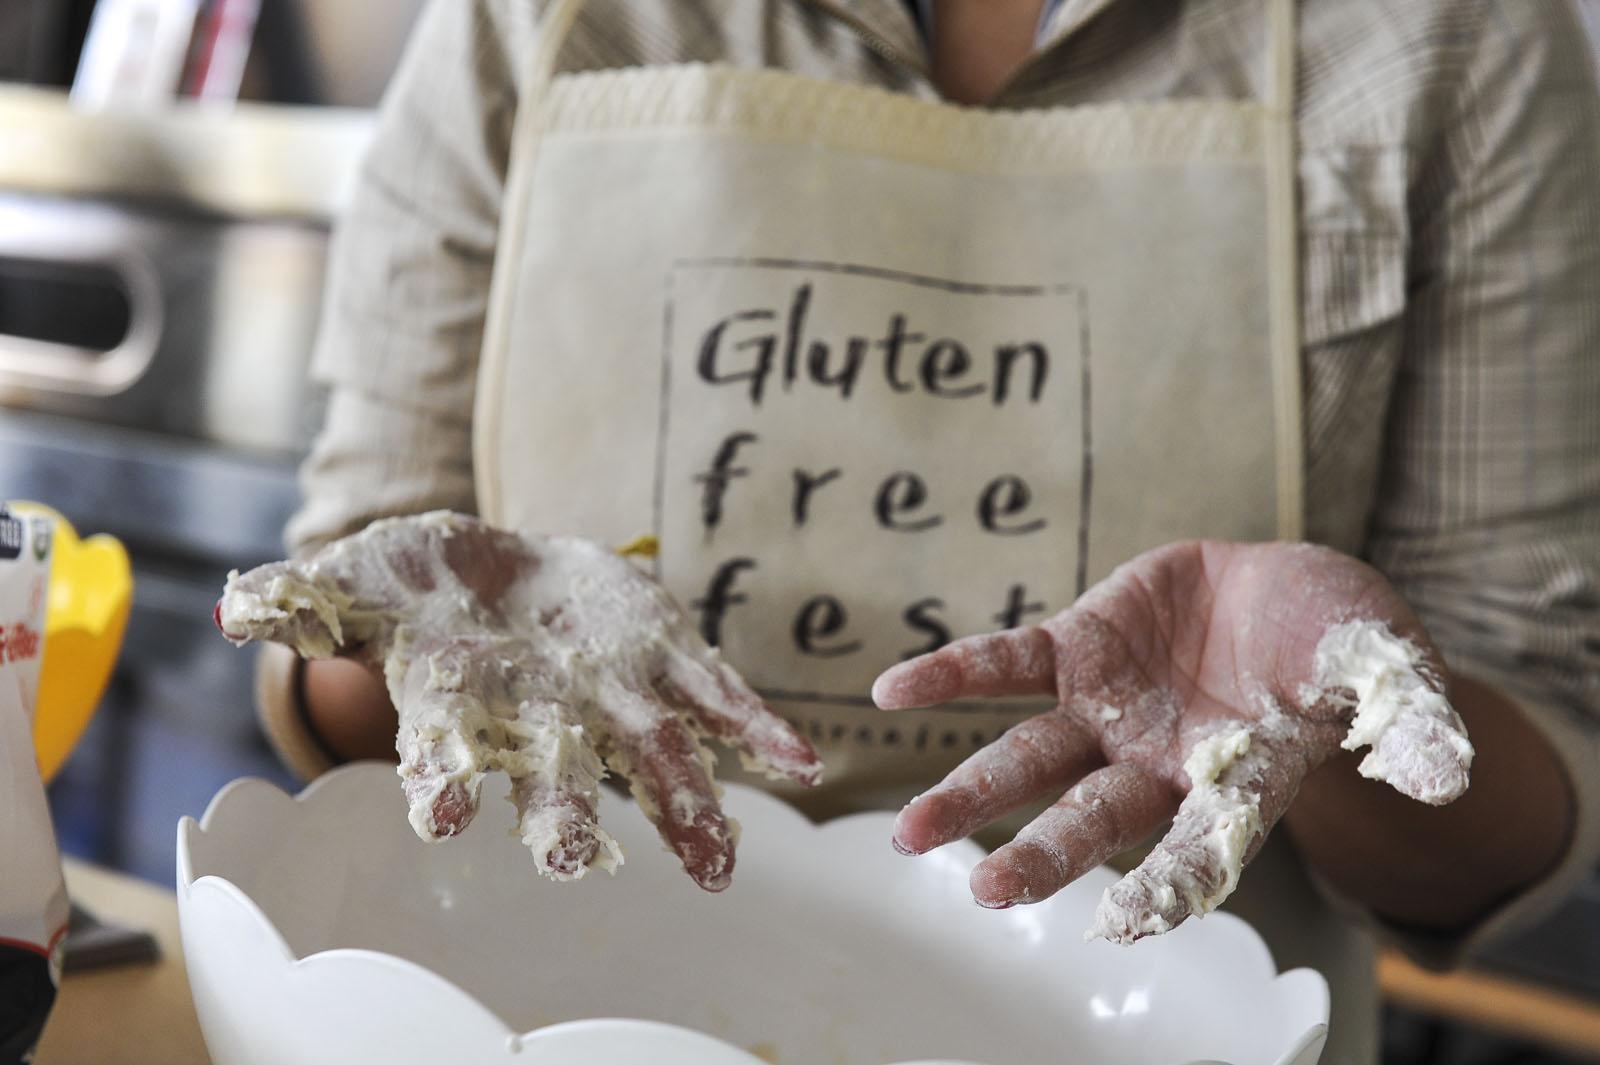 Celiachia, torna Gluten Free Fest: l'evento gastronomico che 'non porta spiga'